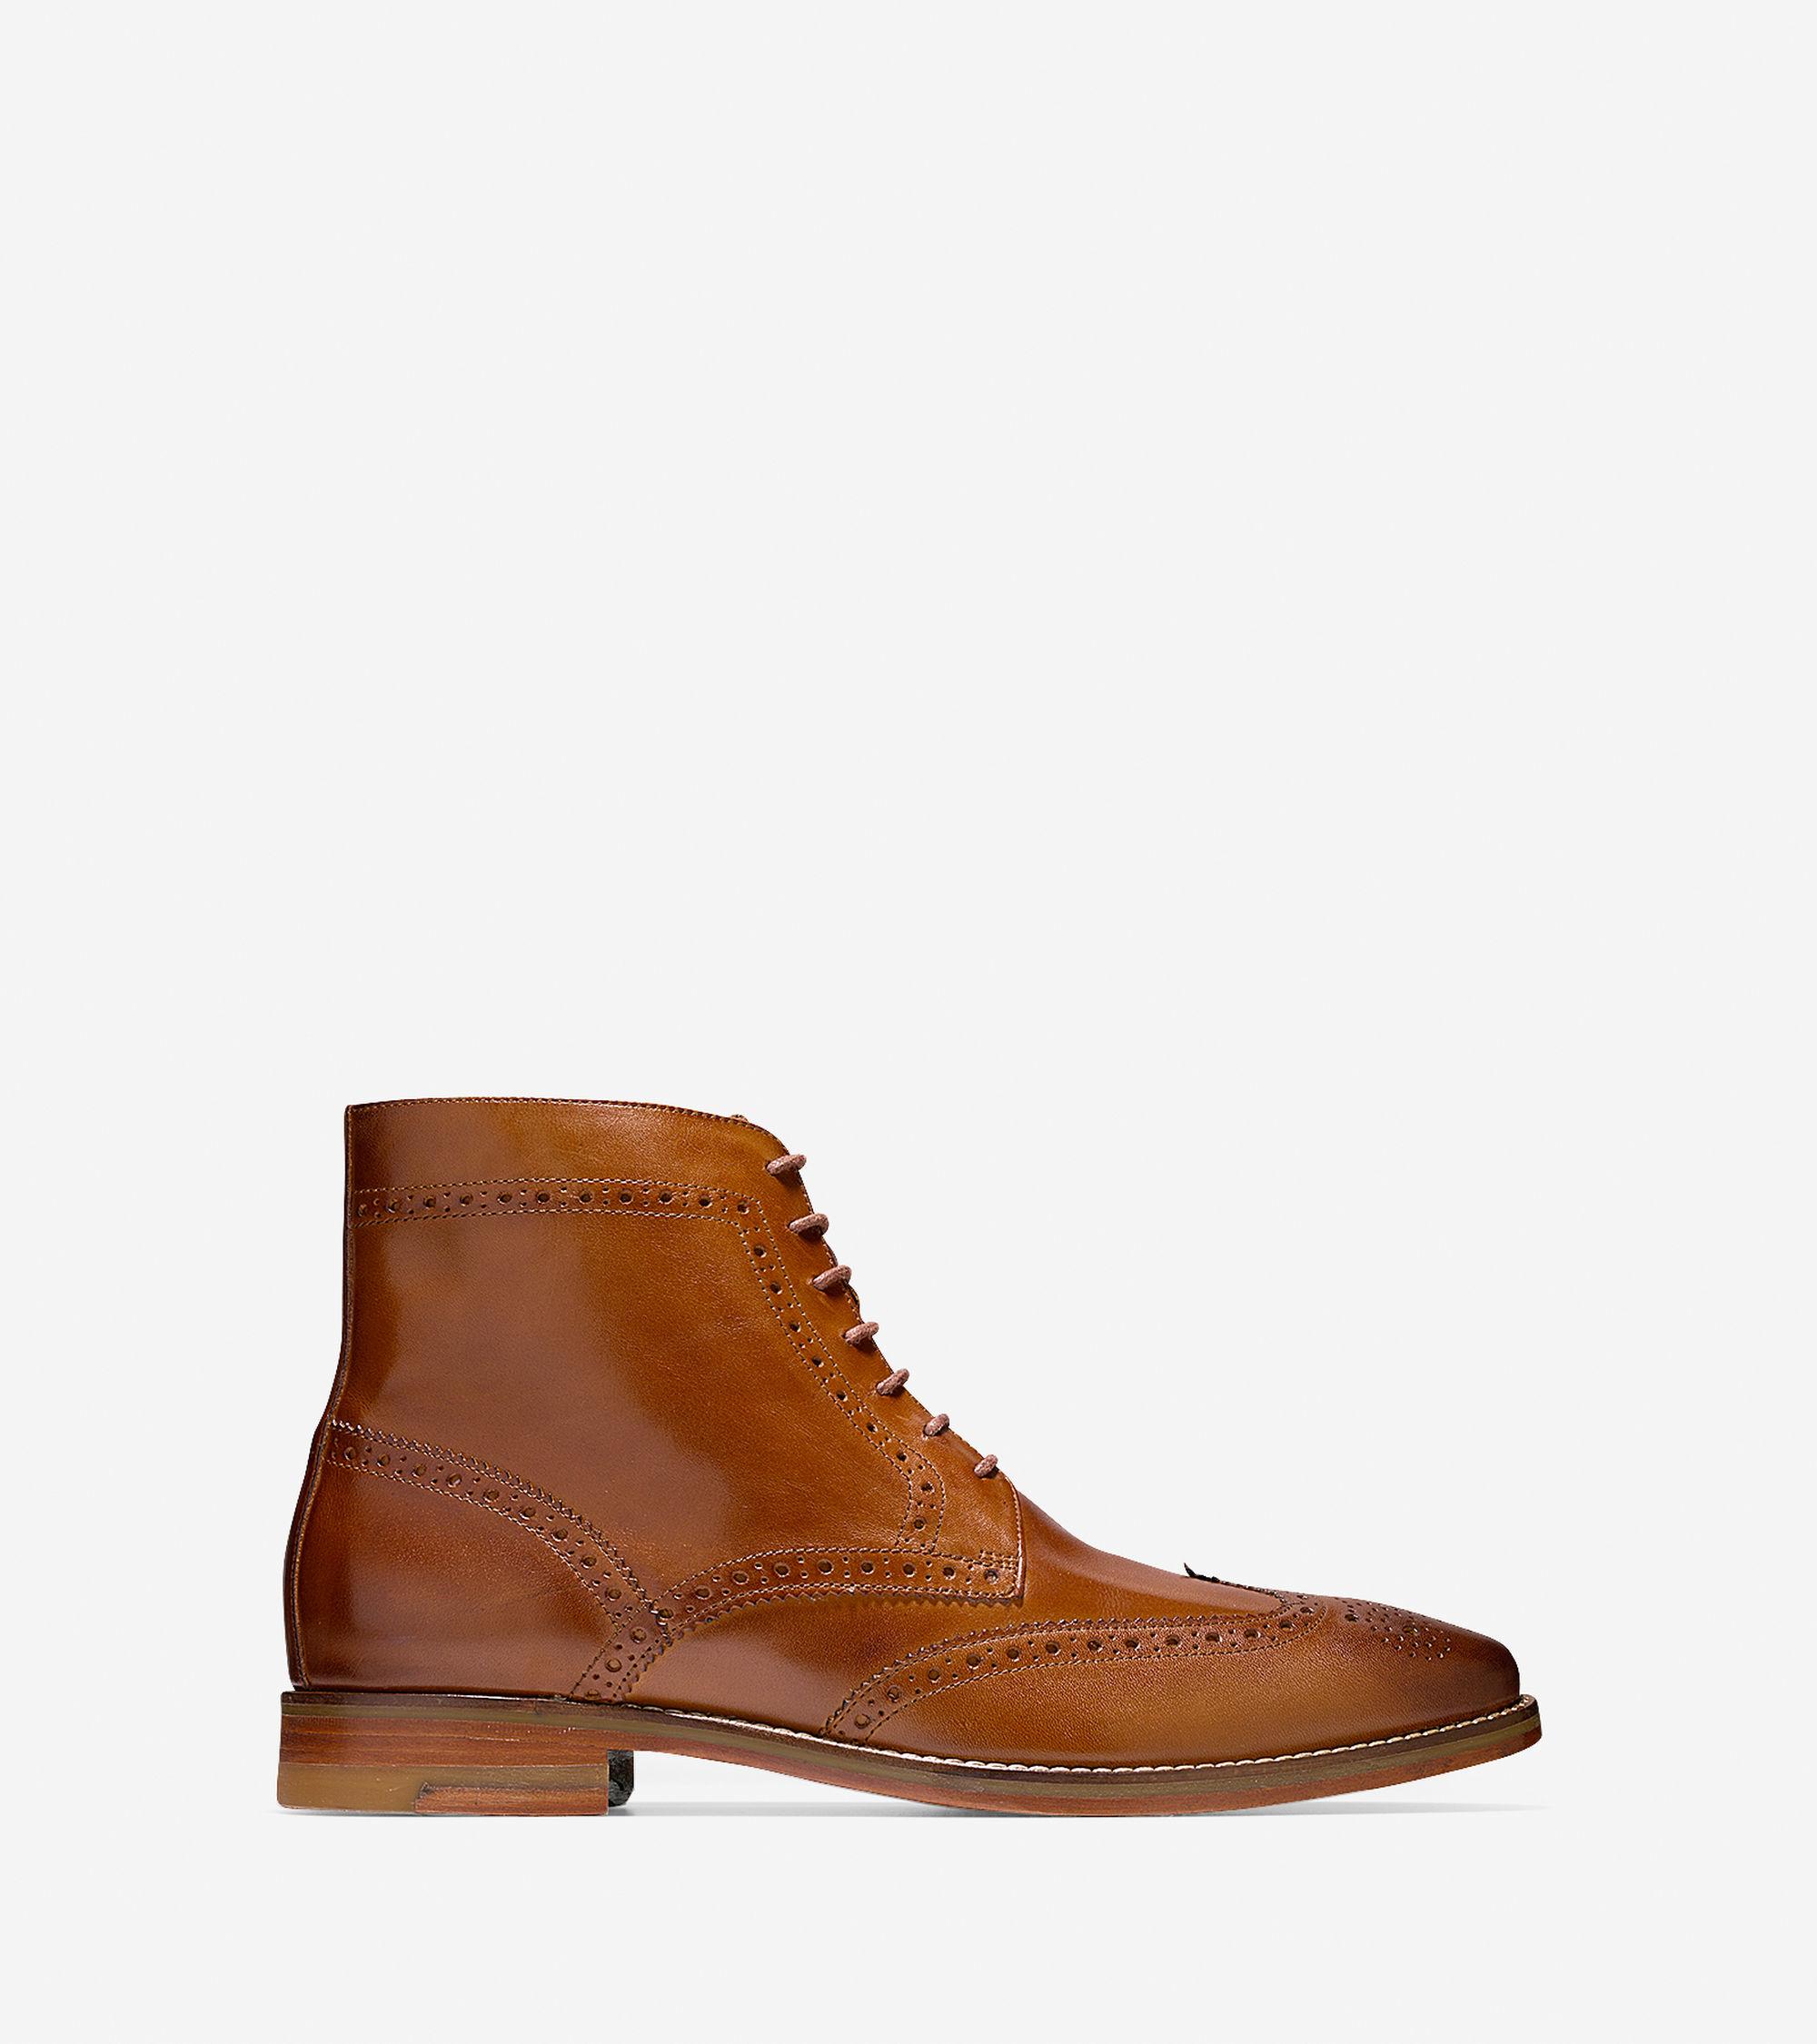 Robert Wayne Cambridge Dress Shoes